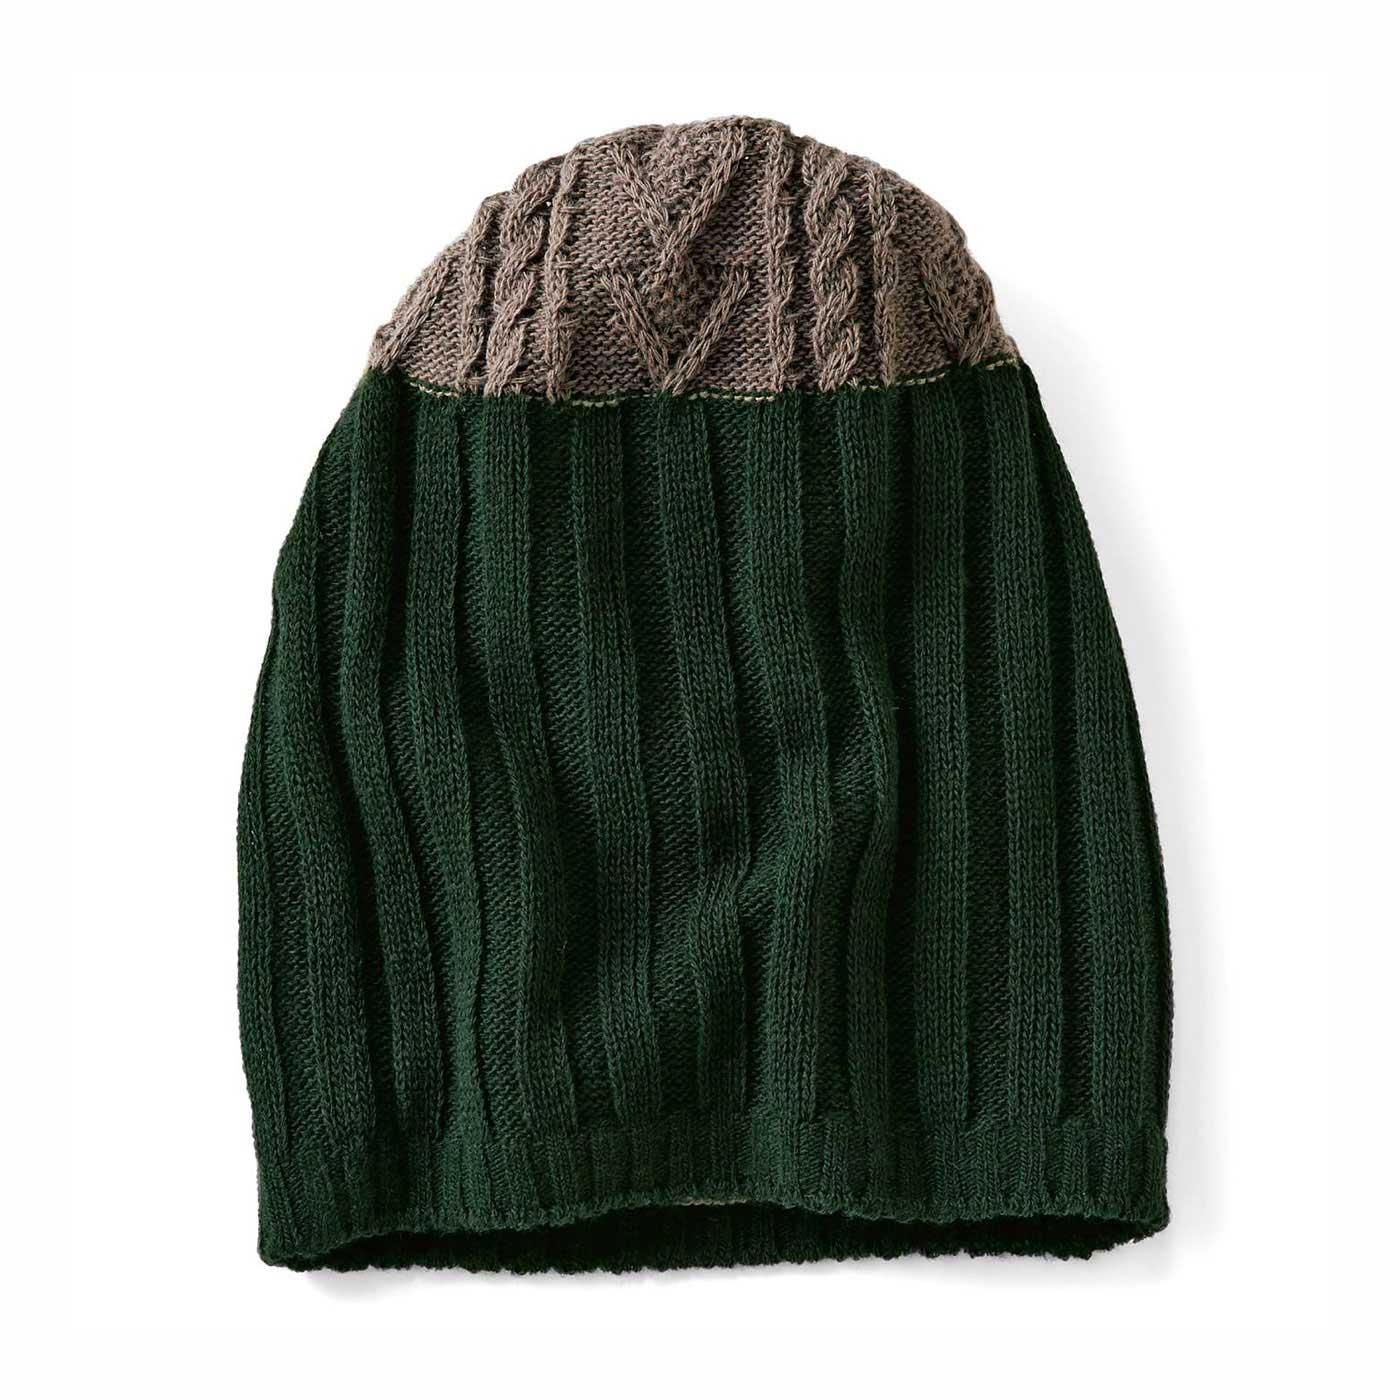 【リブ編みニット帽】アクセントカラーで秋冬おしゃれのスパイスにぴったり。